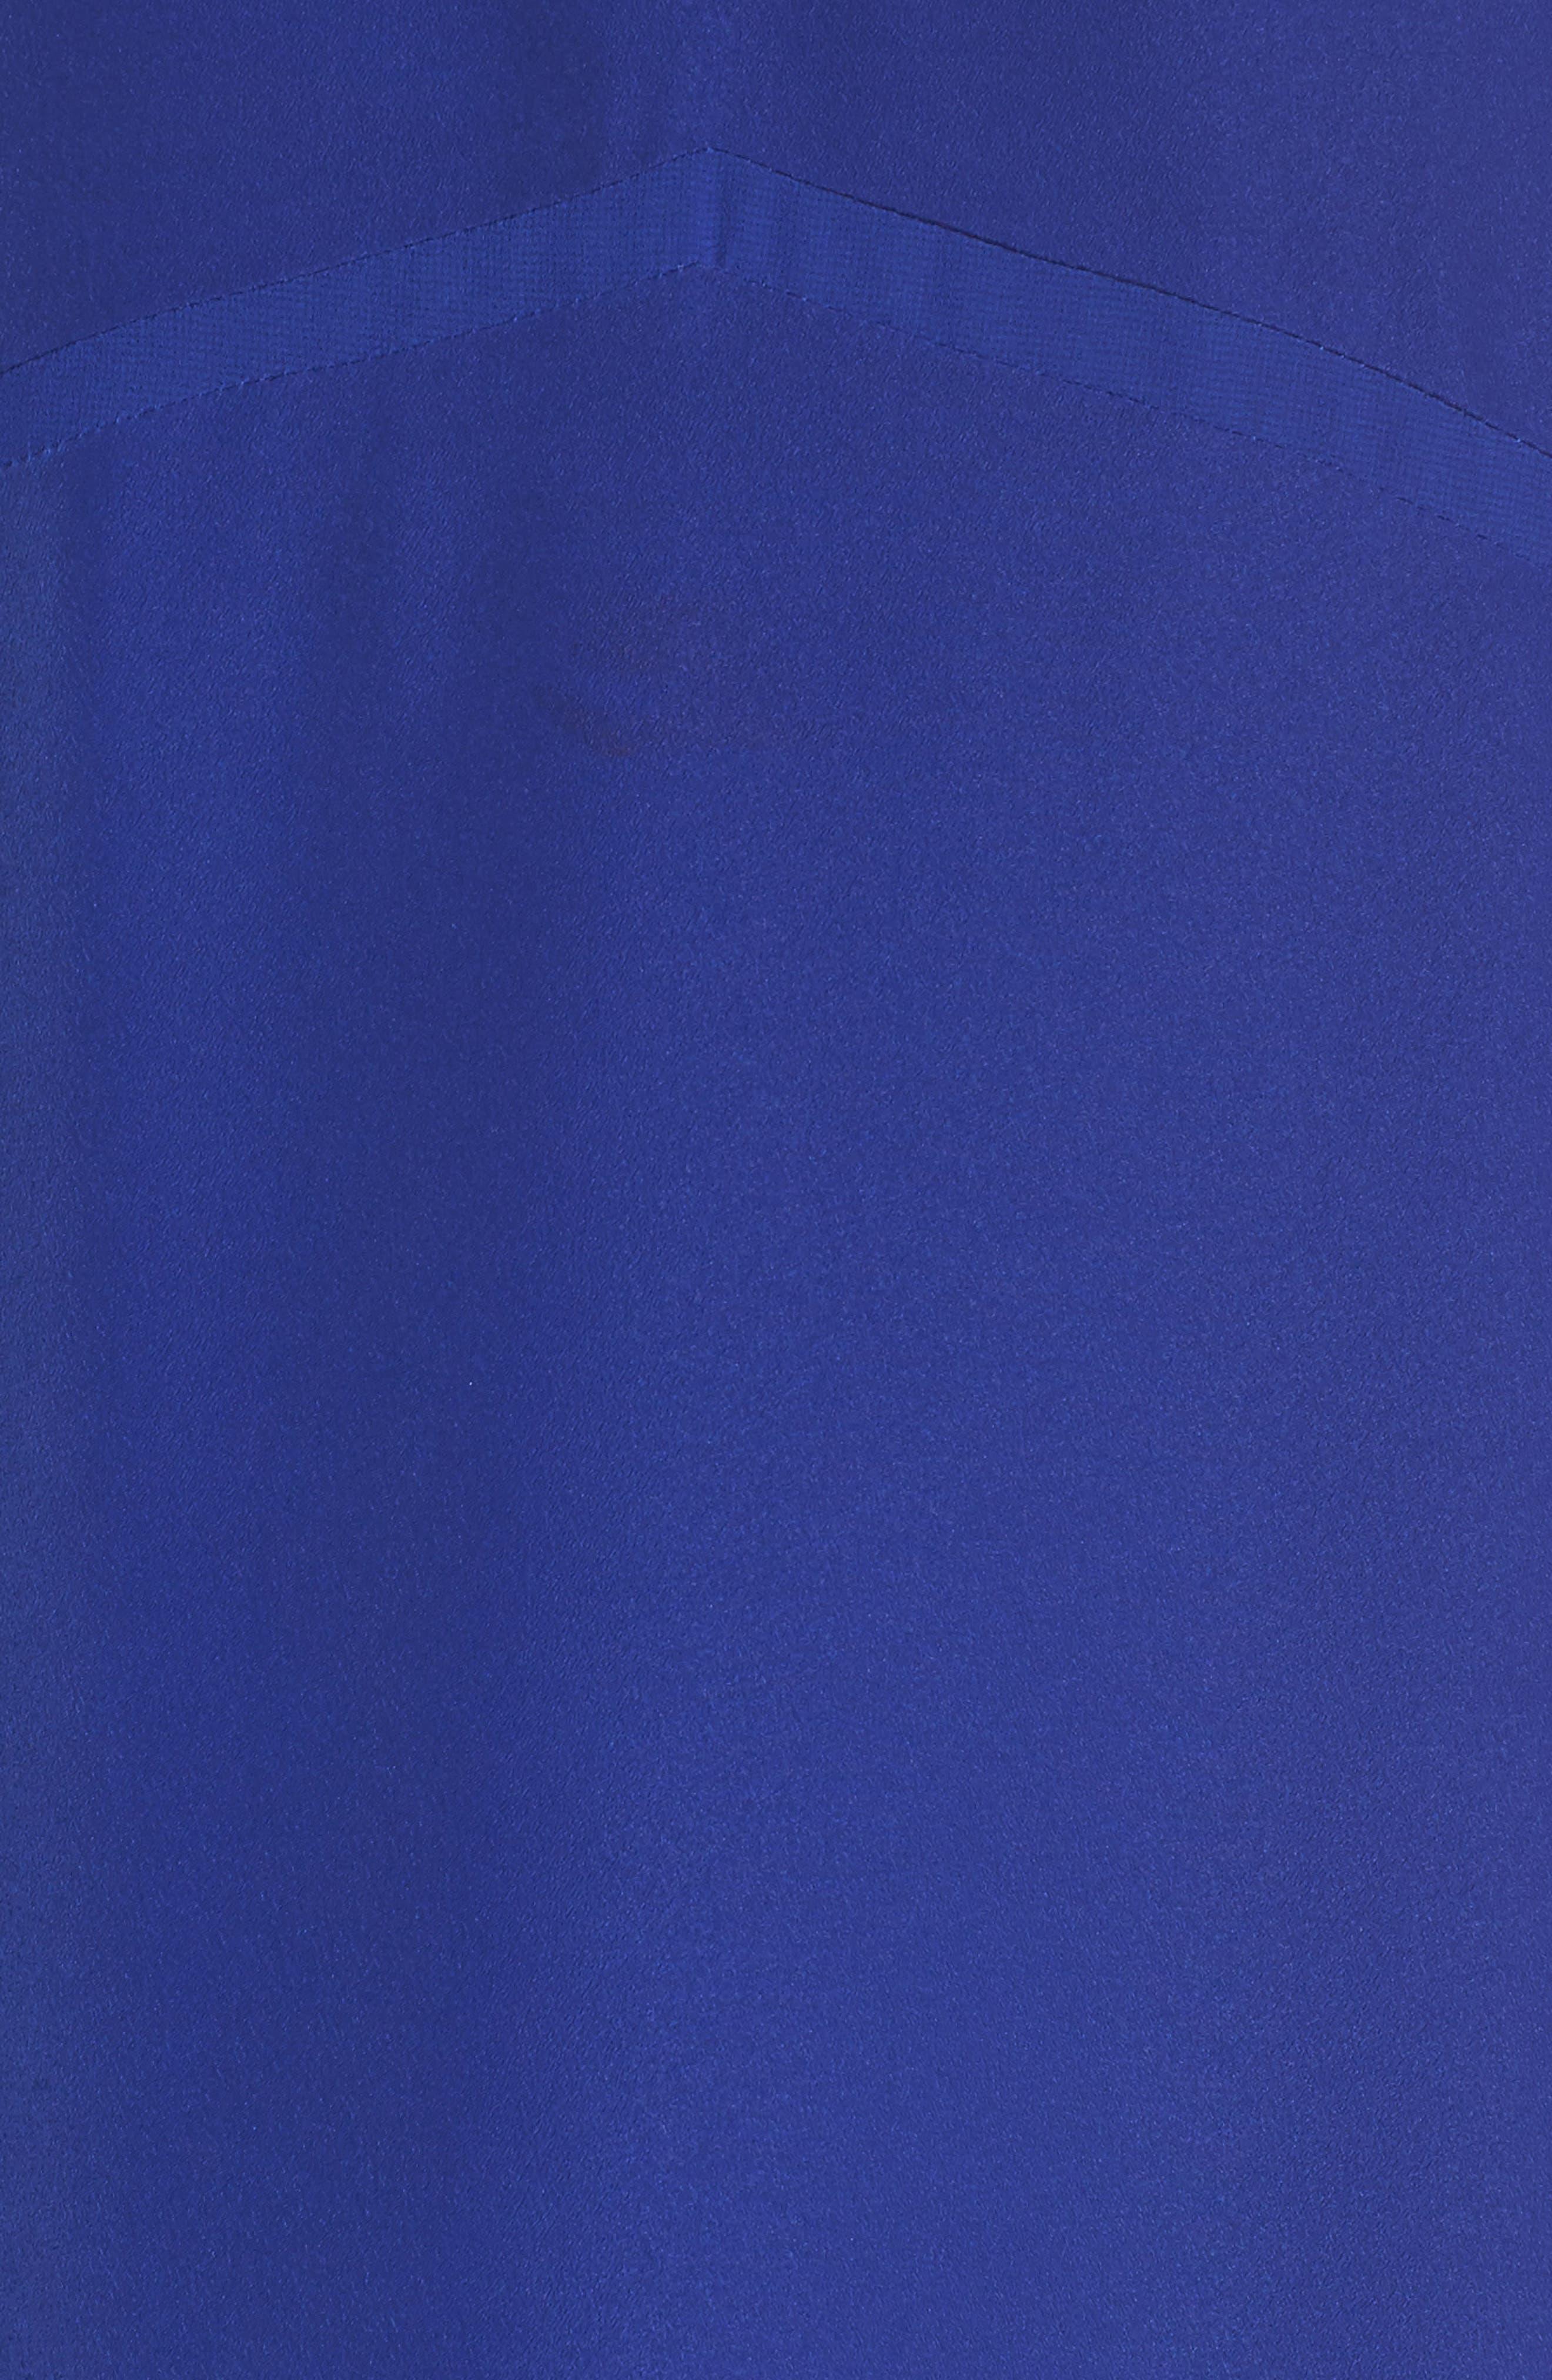 Hampton Maxi Dress,                             Alternate thumbnail 11, color,